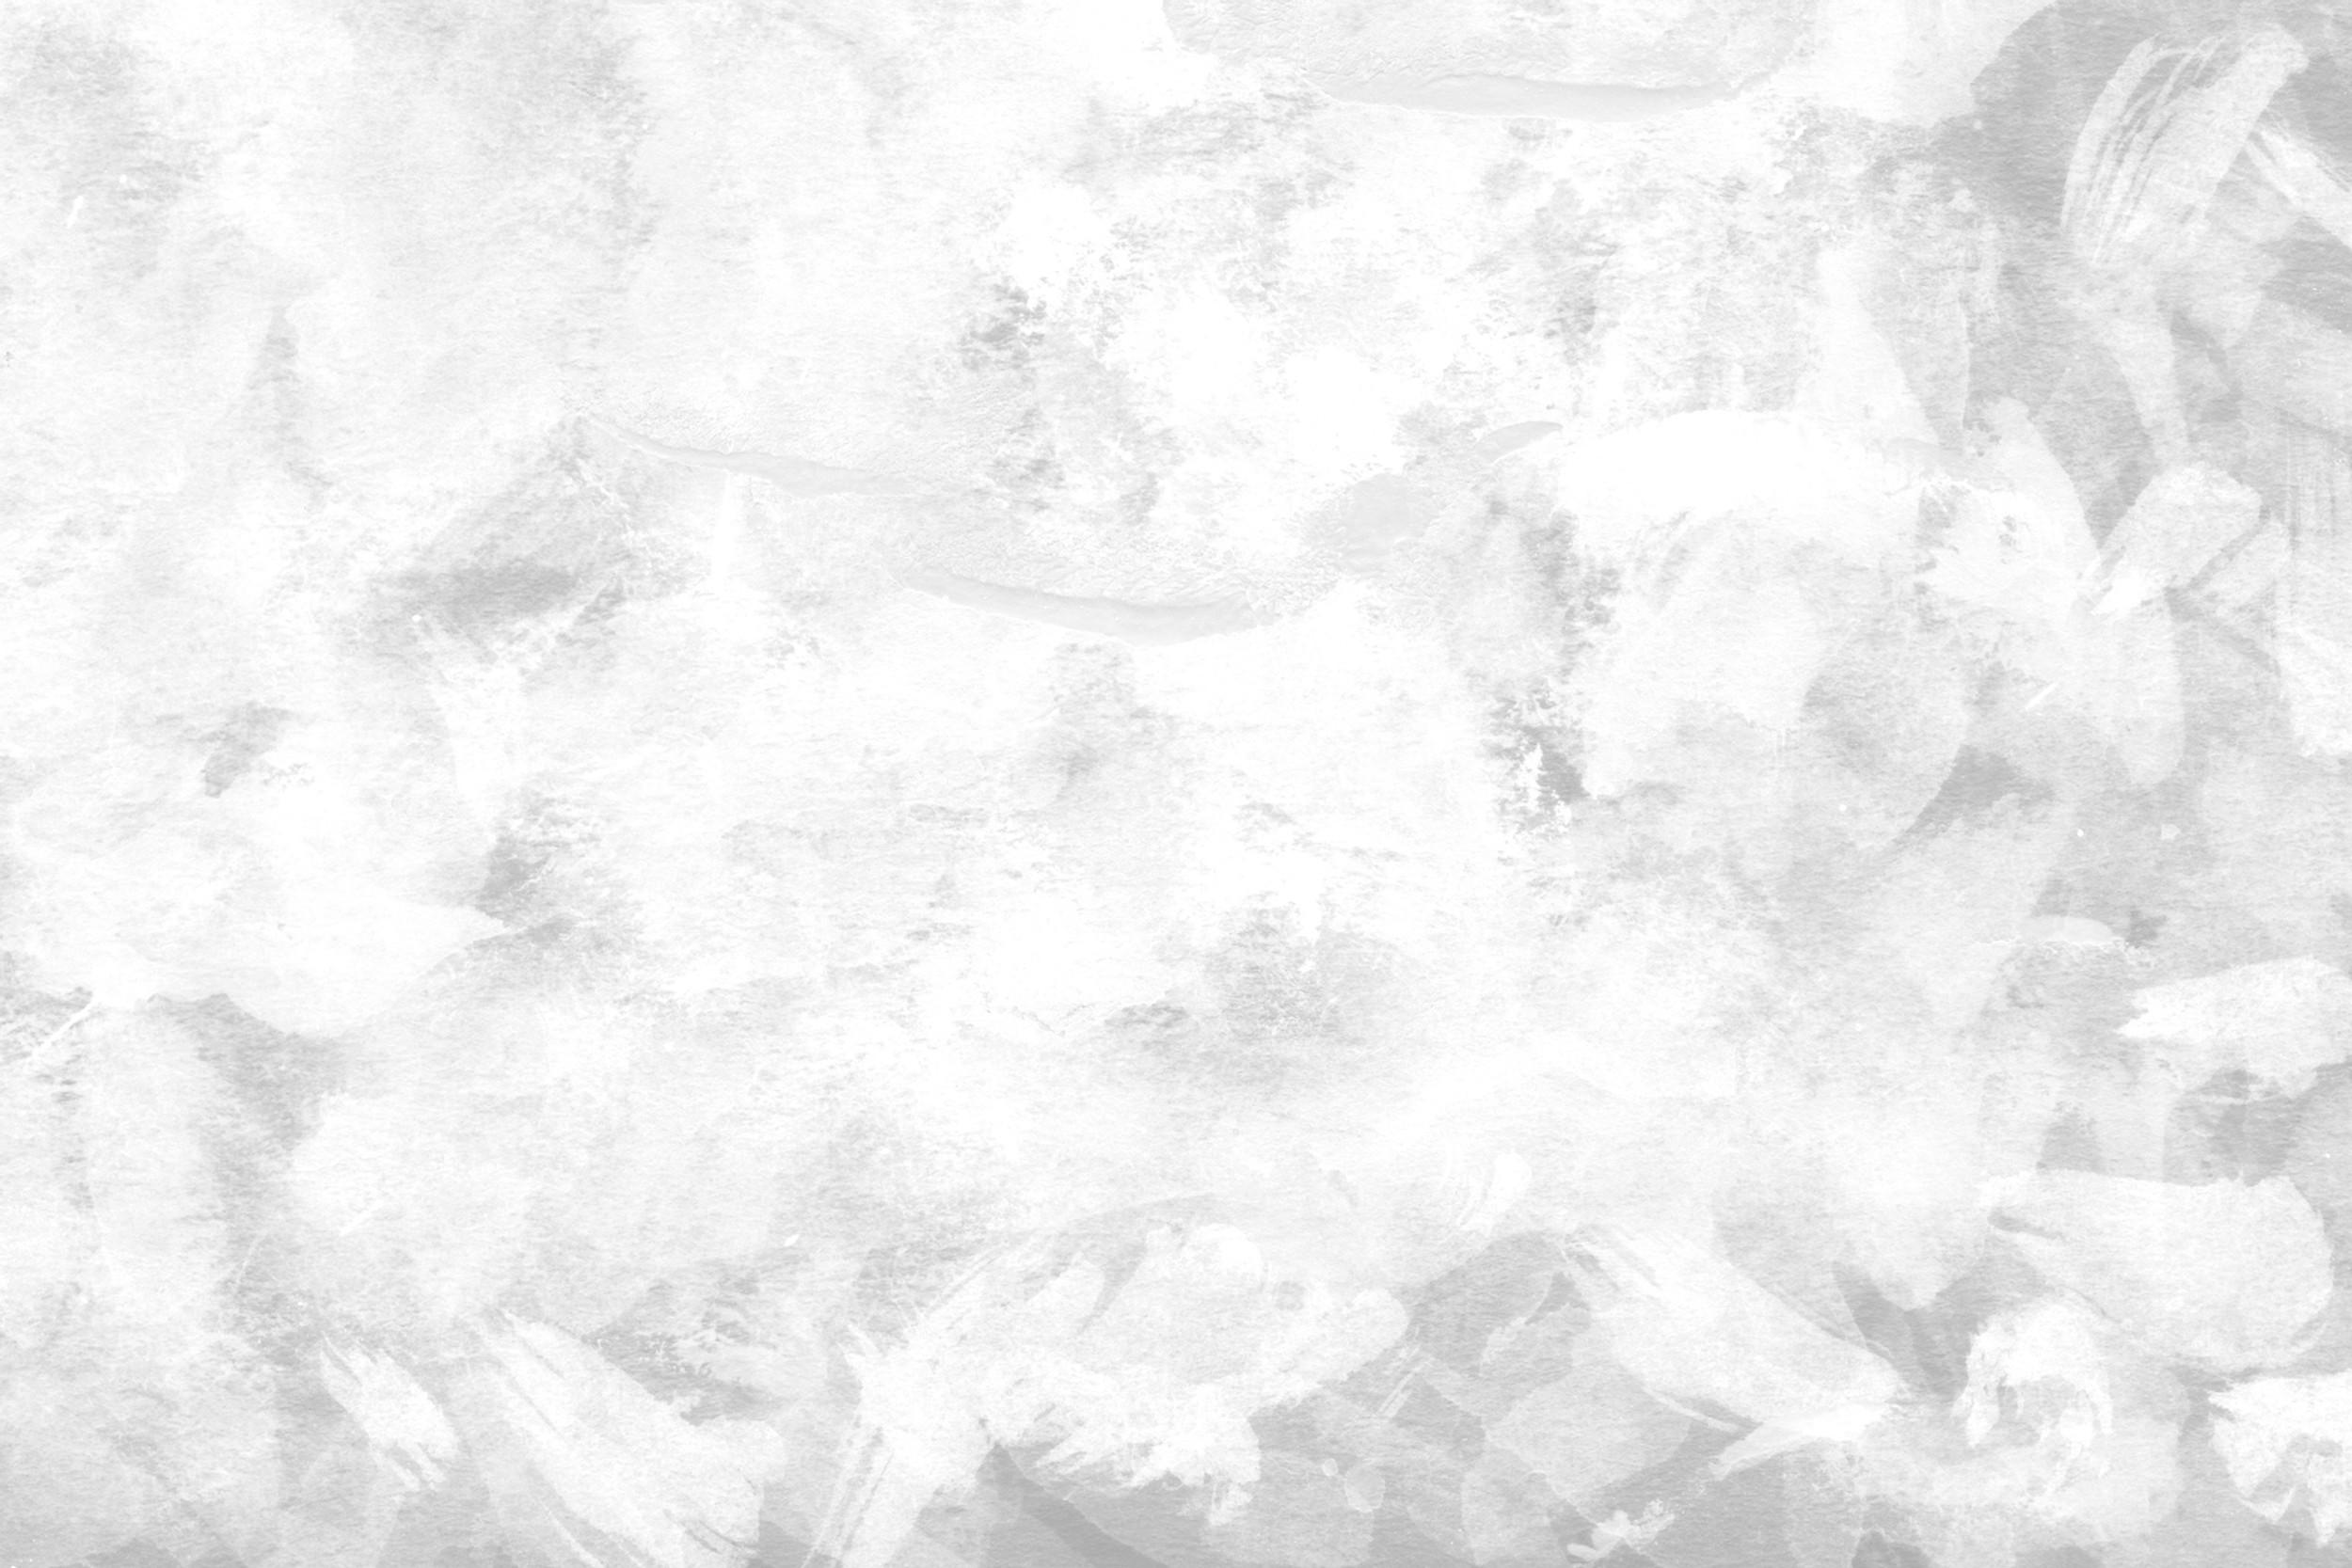 white_00054 (1).jpg